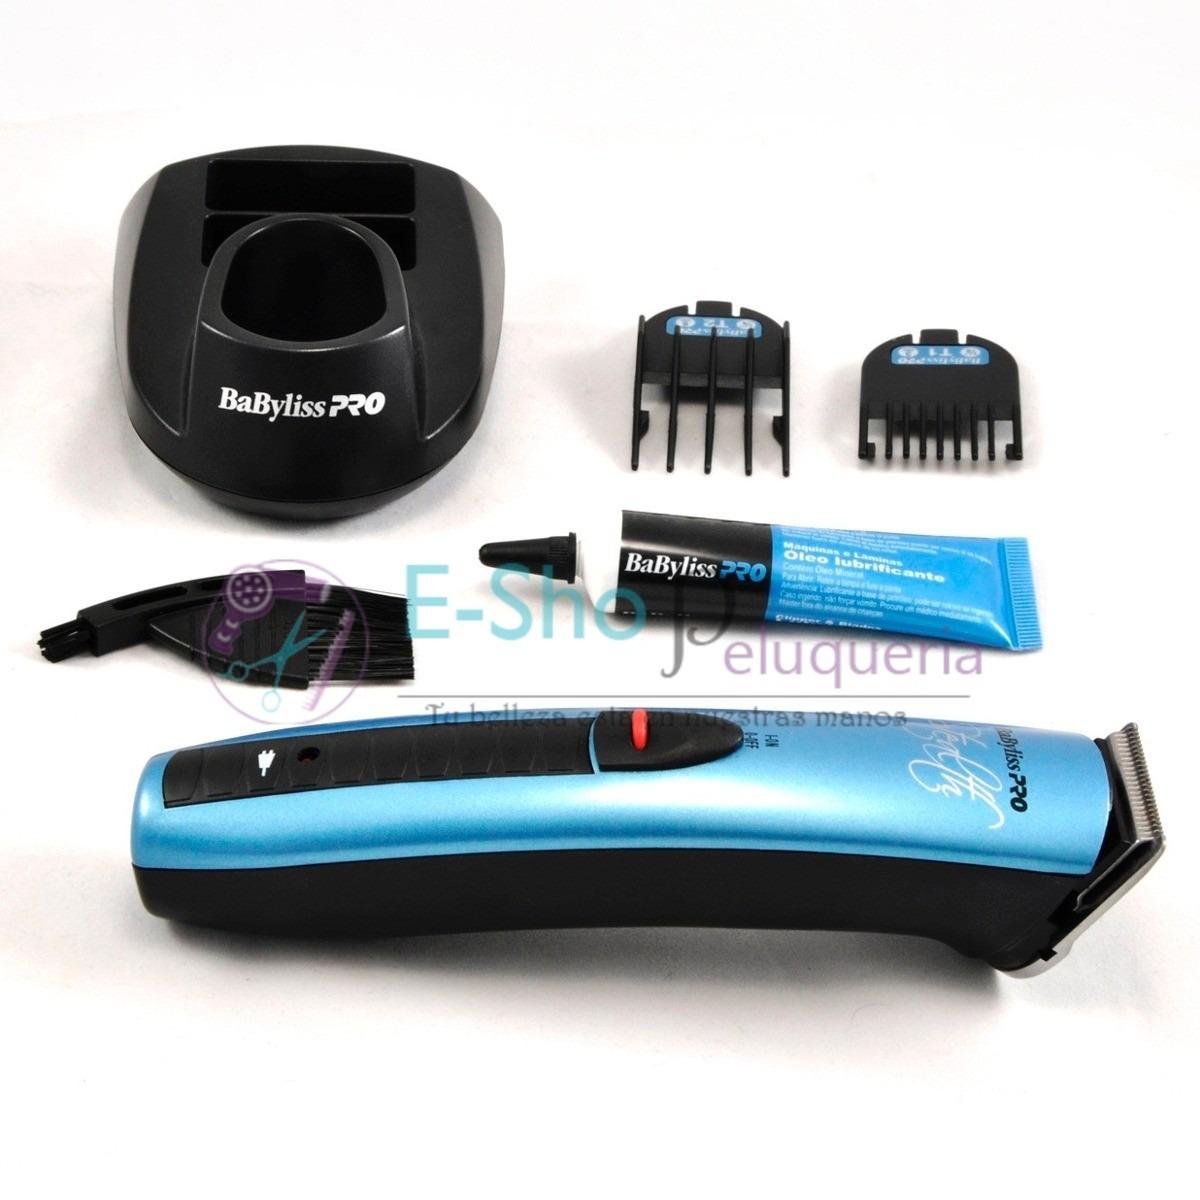 maquina cortadora patillera stealth recargable babyliss pro. Cargando zoom. 39e50e084037